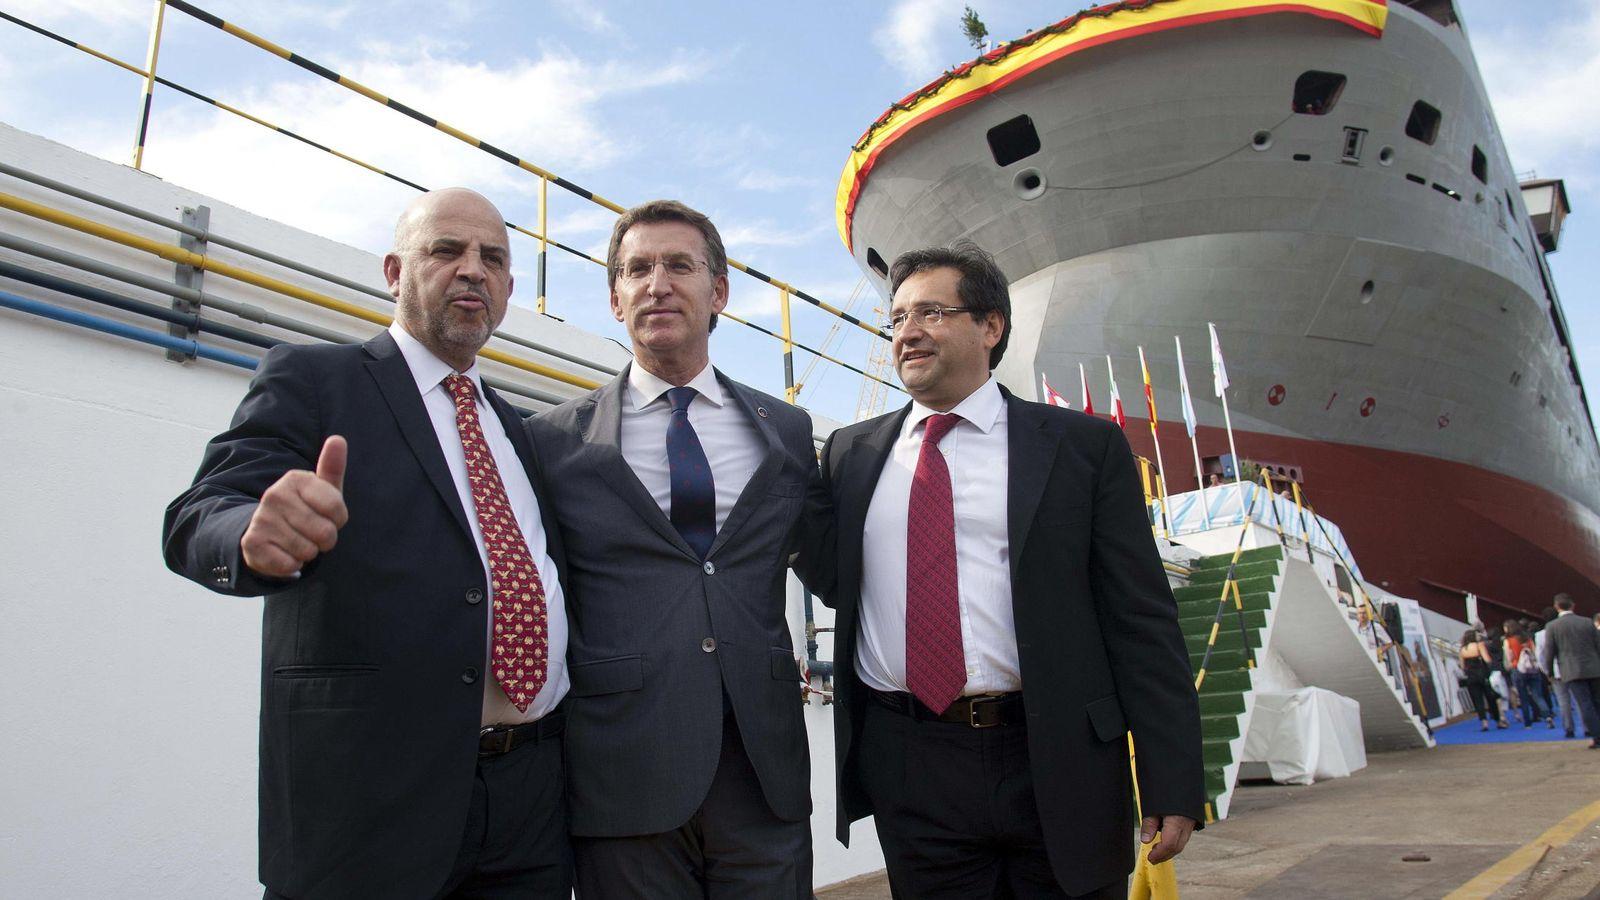 Foto: El coordinador de asesores de Pemex, Carlos Rúa; el presidente de la Xunta, Alberto Núñez Feijóo (c), y el presidente de PMI, José Manuel Carrera, en el astillero vigués Barreras. (EFE)